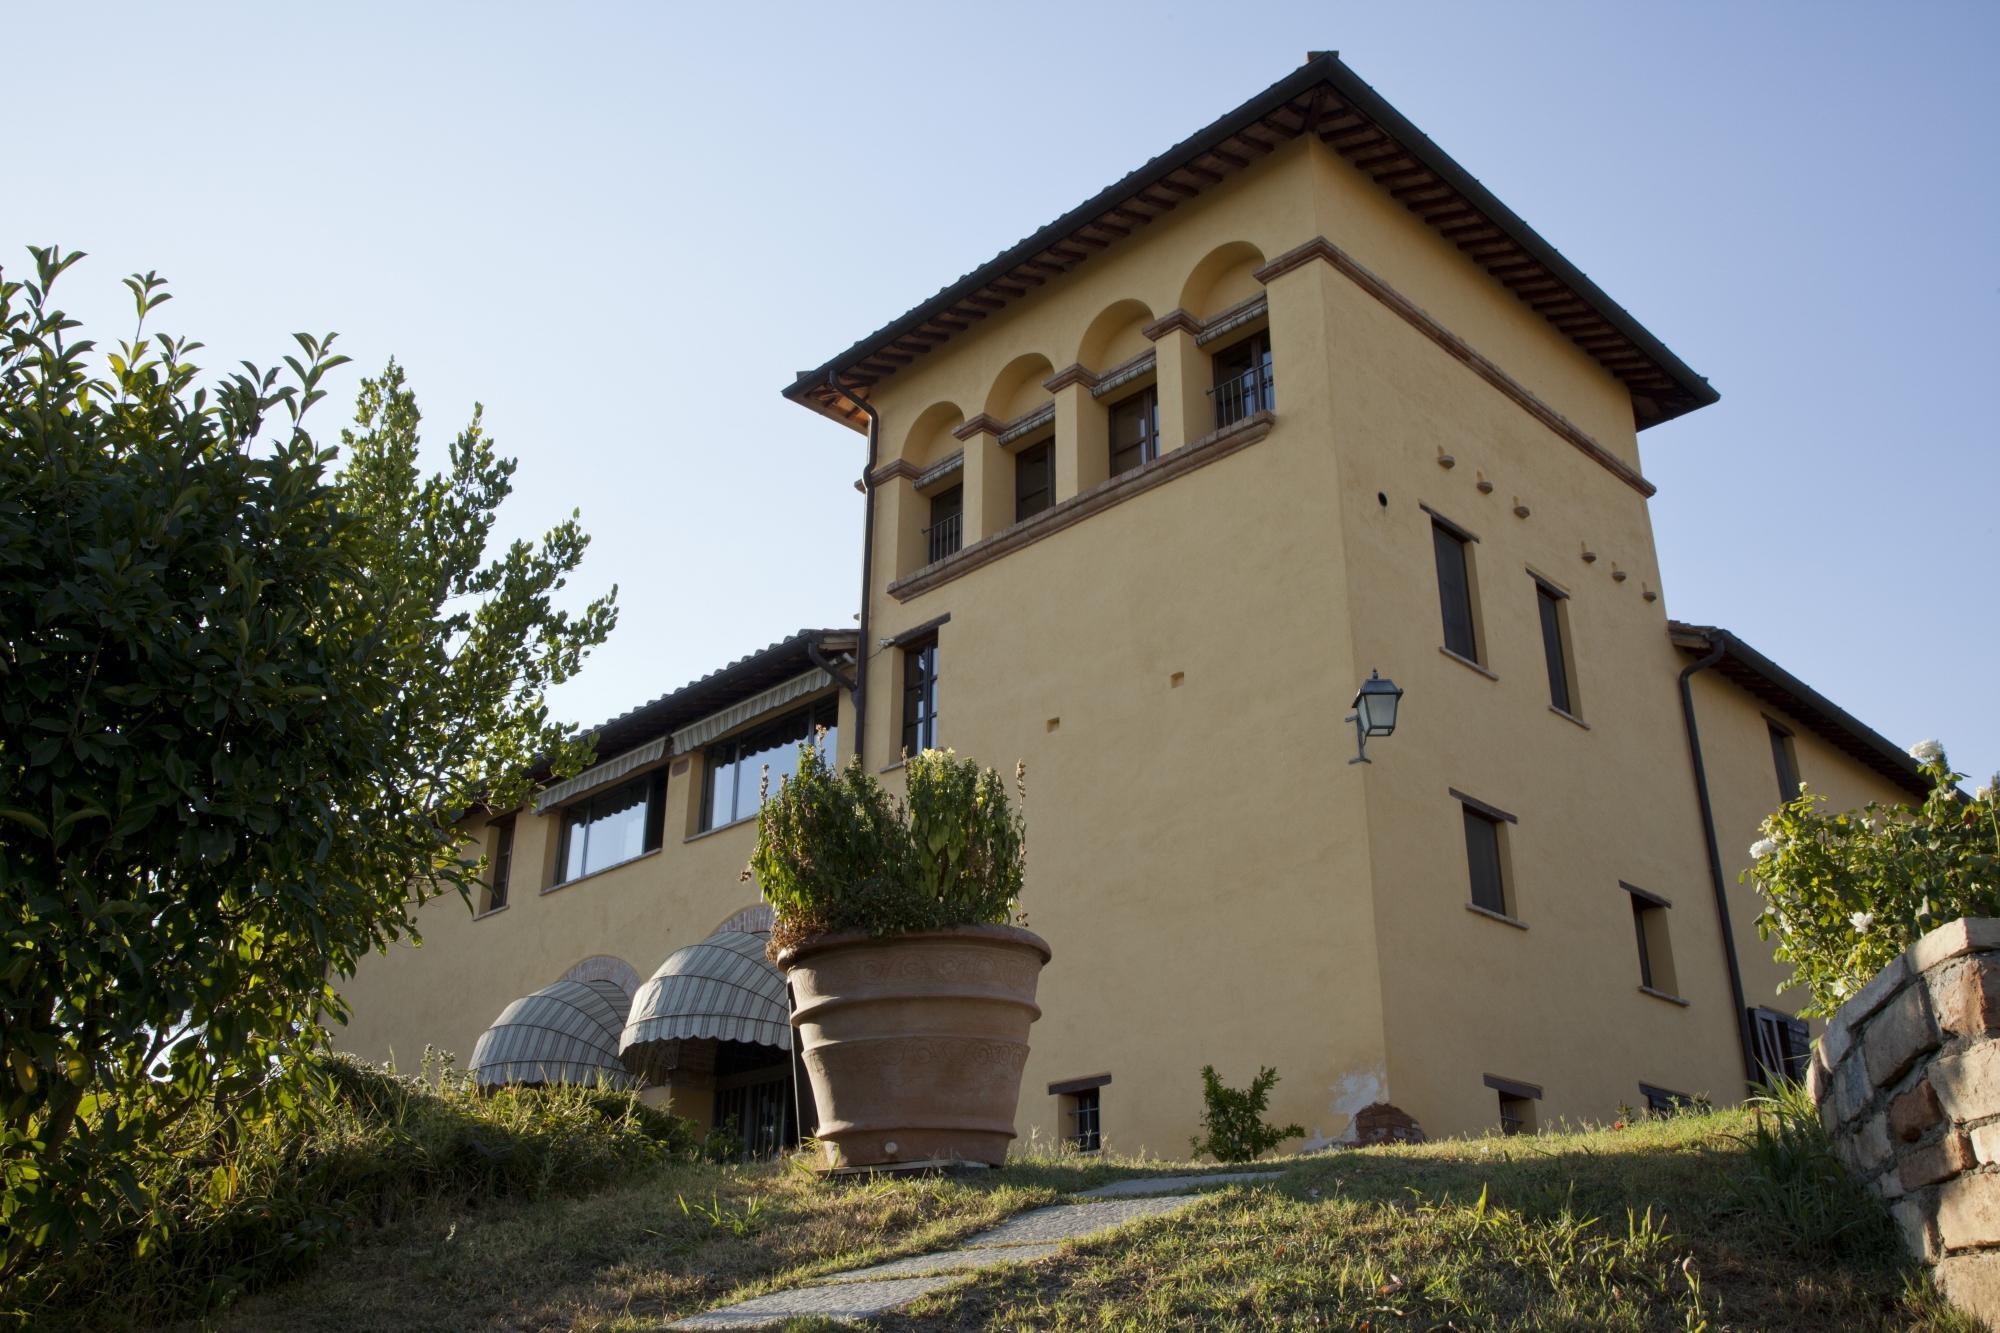 Casale della Staffa